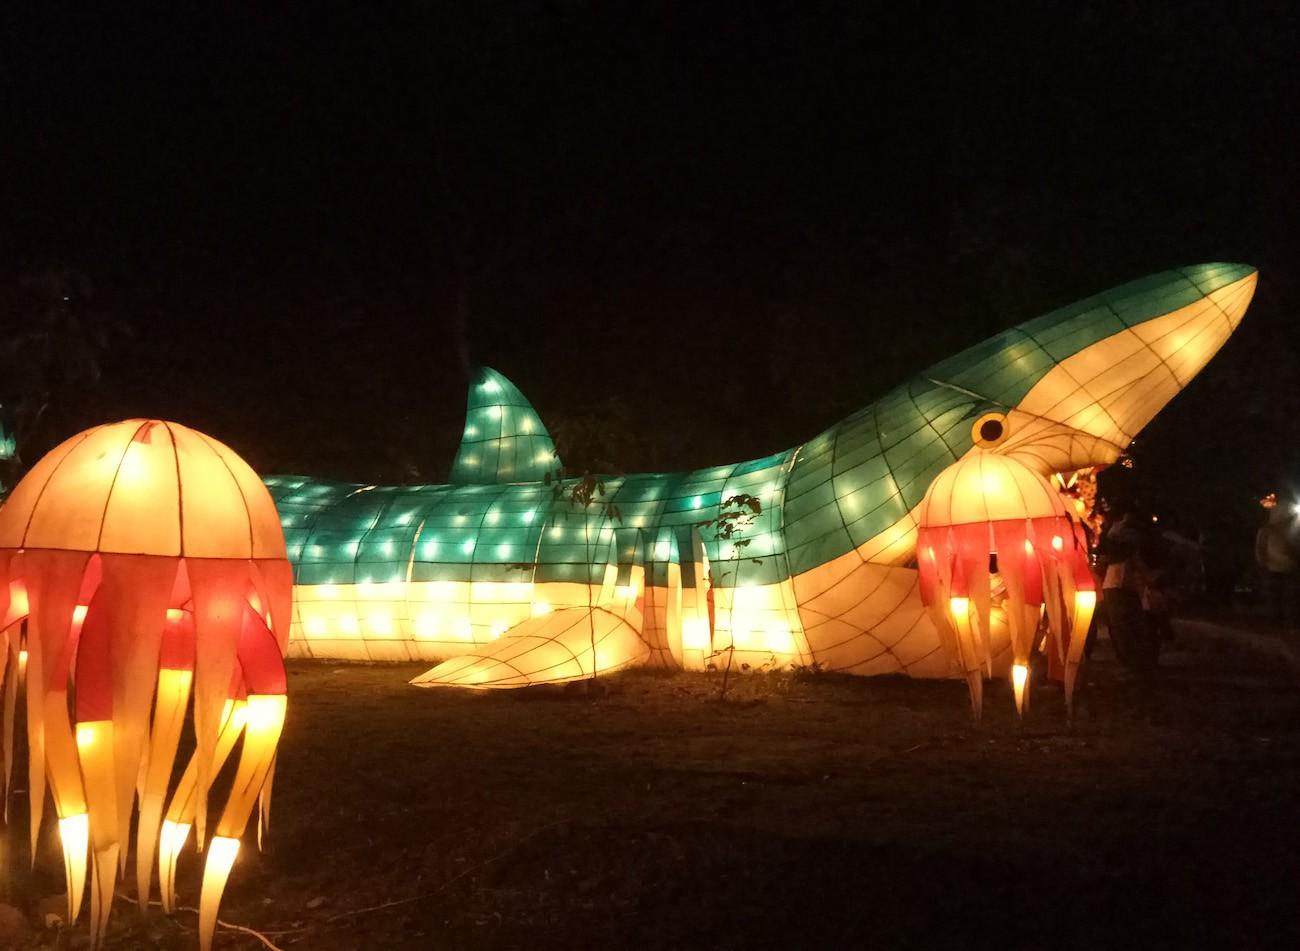 A shark-shaped lantern at Taman Pelangi.